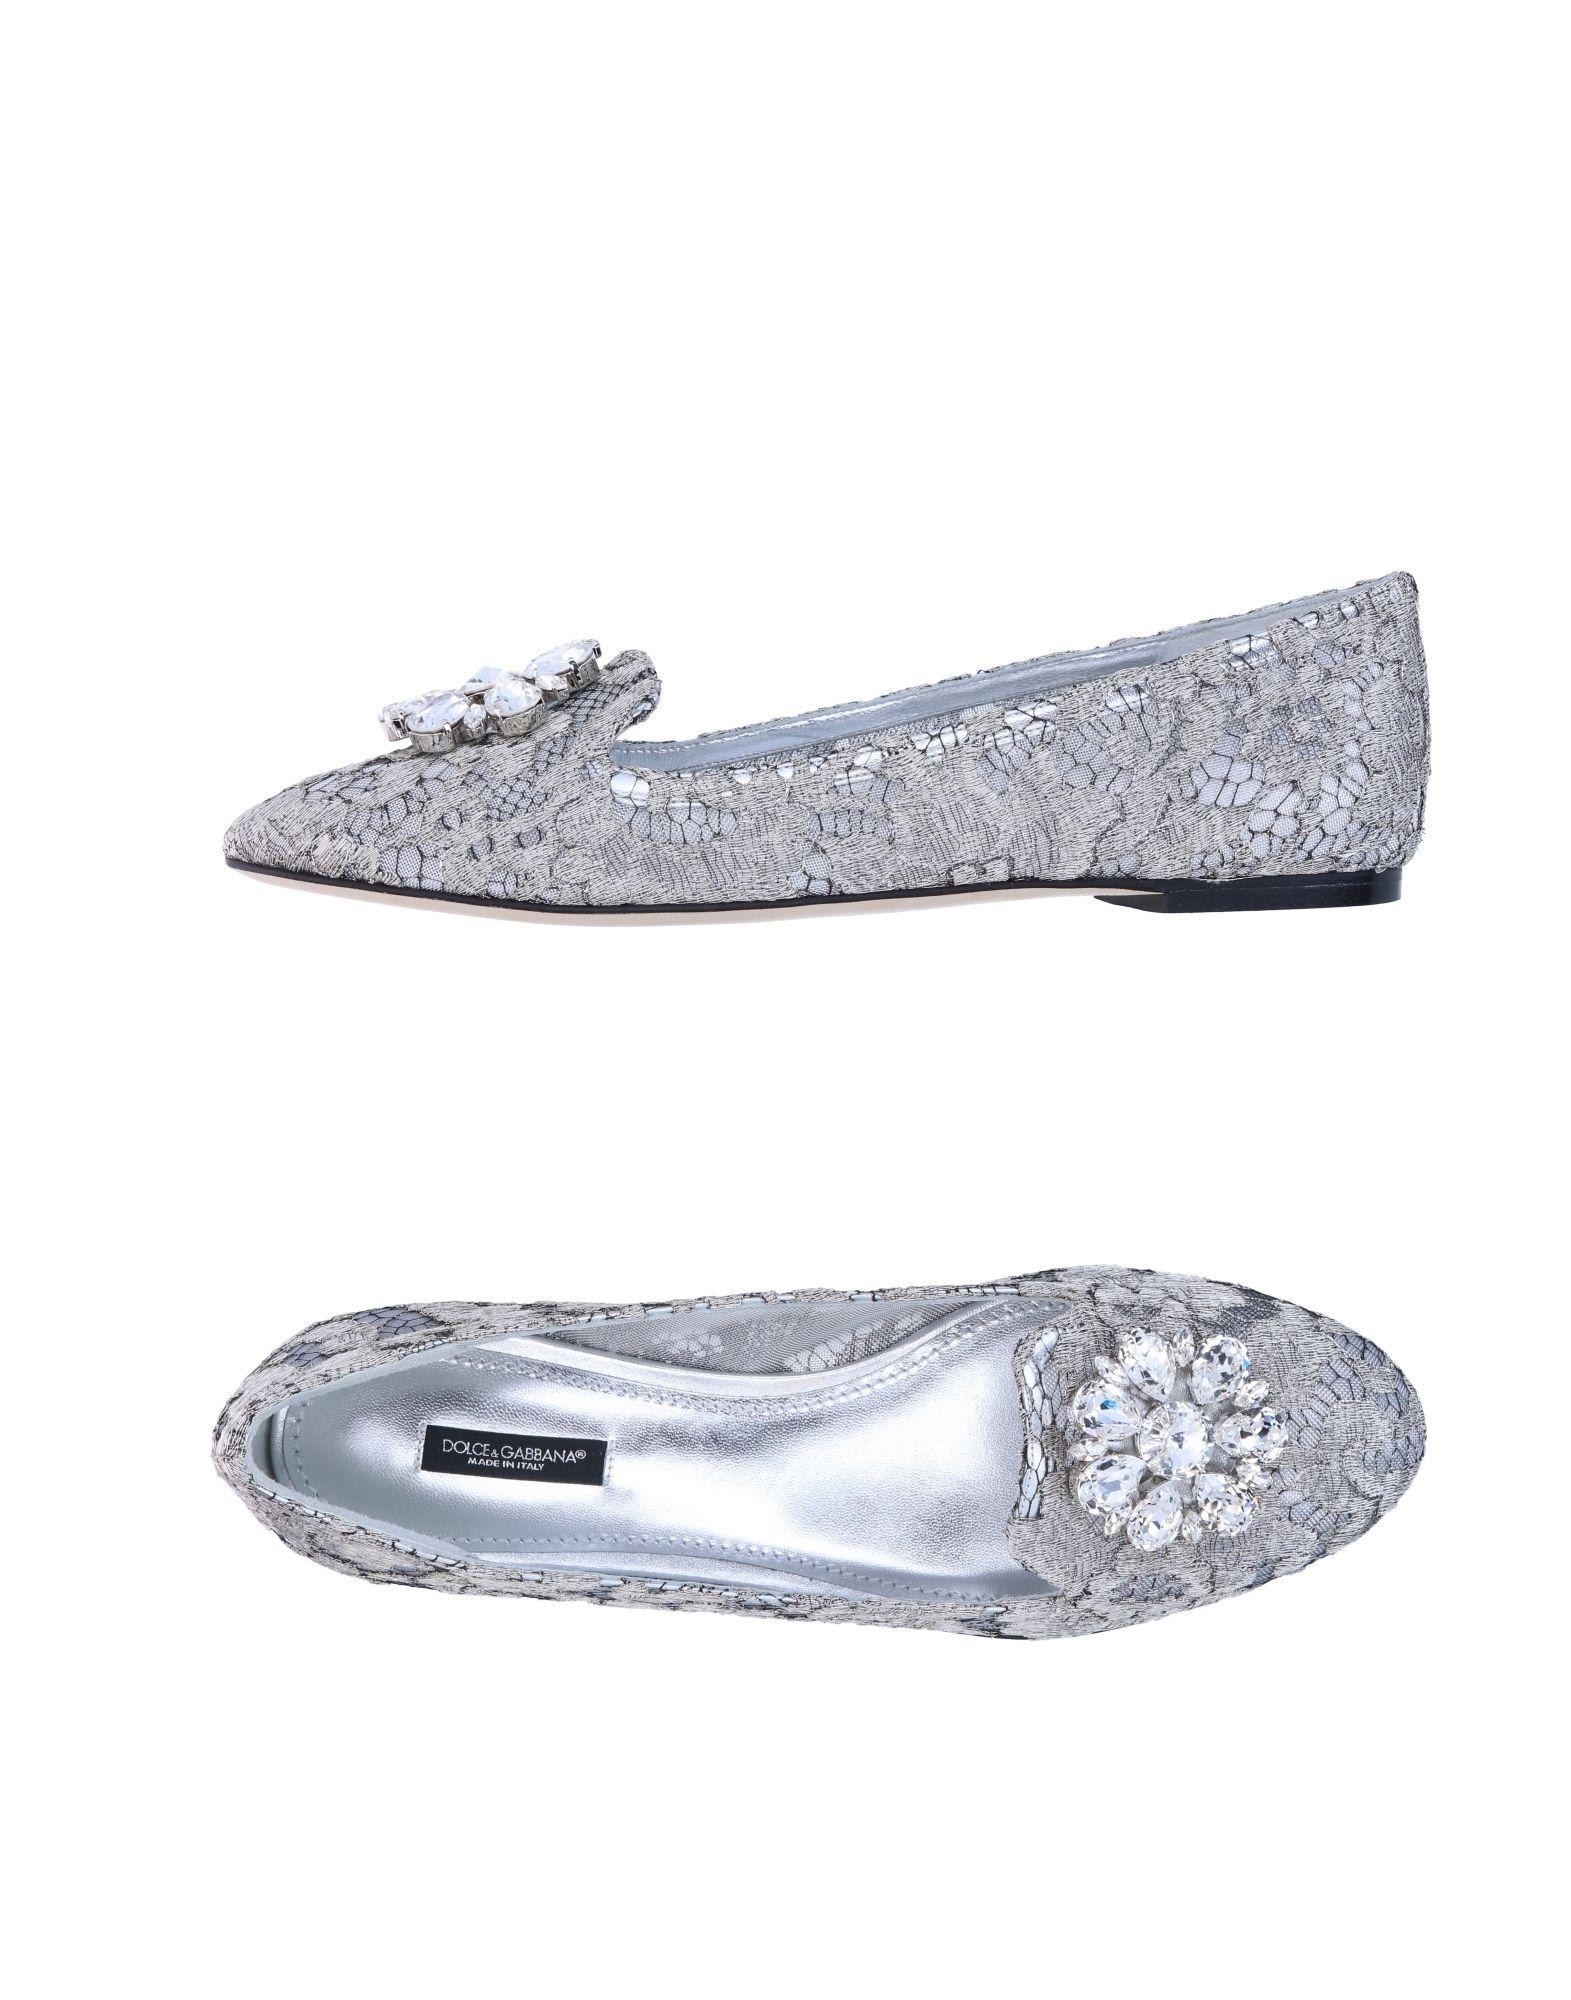 Dolce & Gabbana Mokassins Damen Schuhe  11263279KHGünstige gut aussehende Schuhe Damen 3fada6